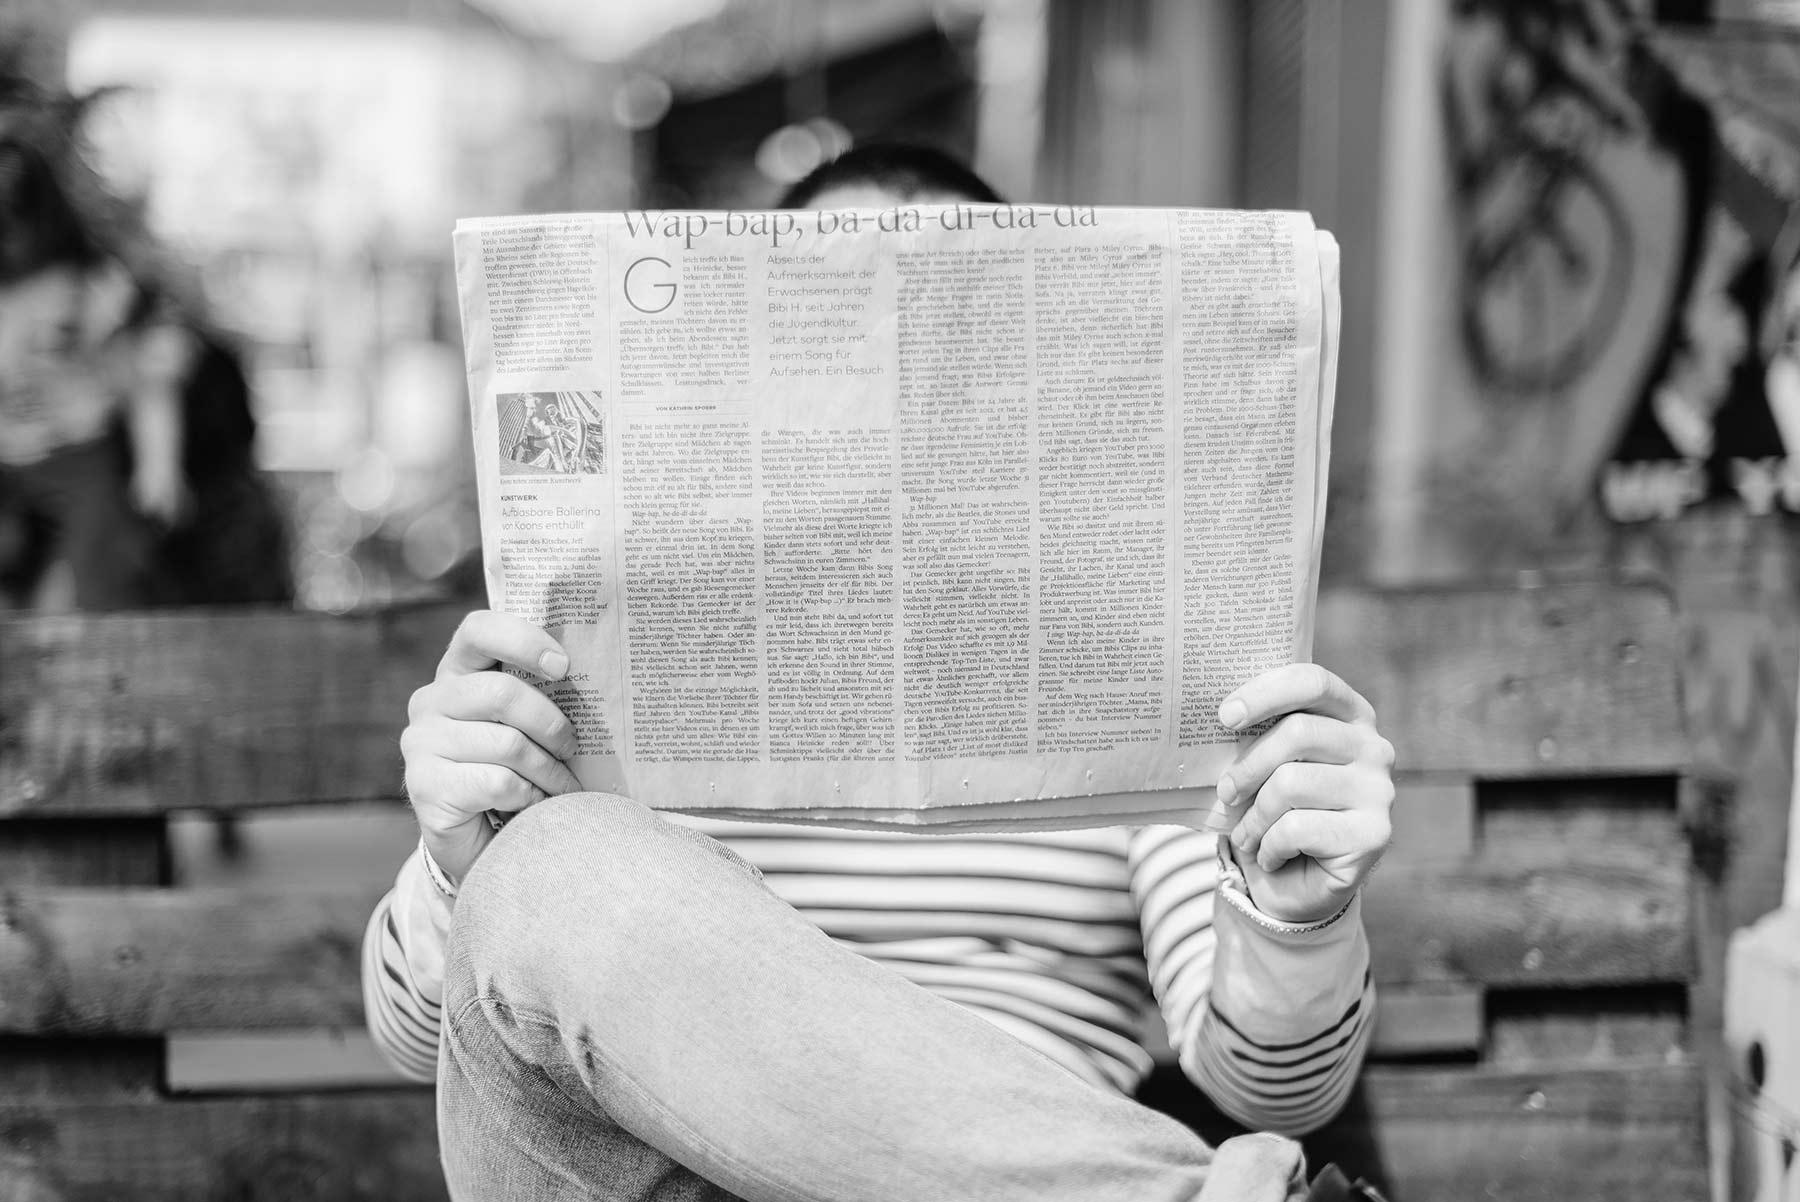 iemand leest de krant op de bank